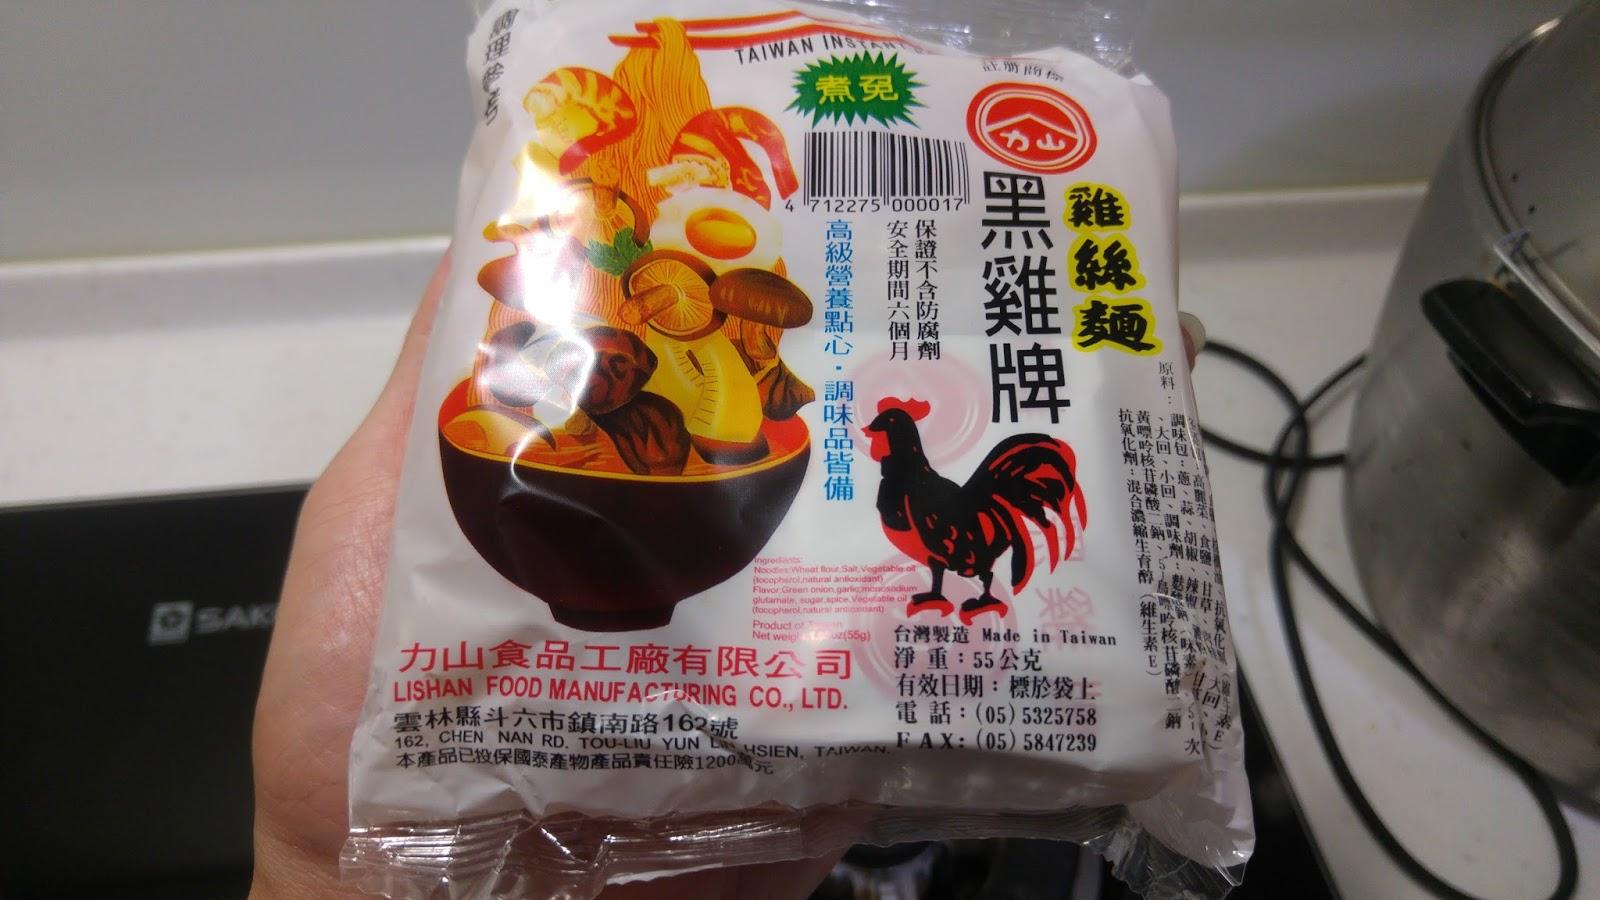 煮麵食記-台灣有名《黑雞牌雞絲麵》是雲林斗六鎮南路旁的力山食品工廠生產製造!